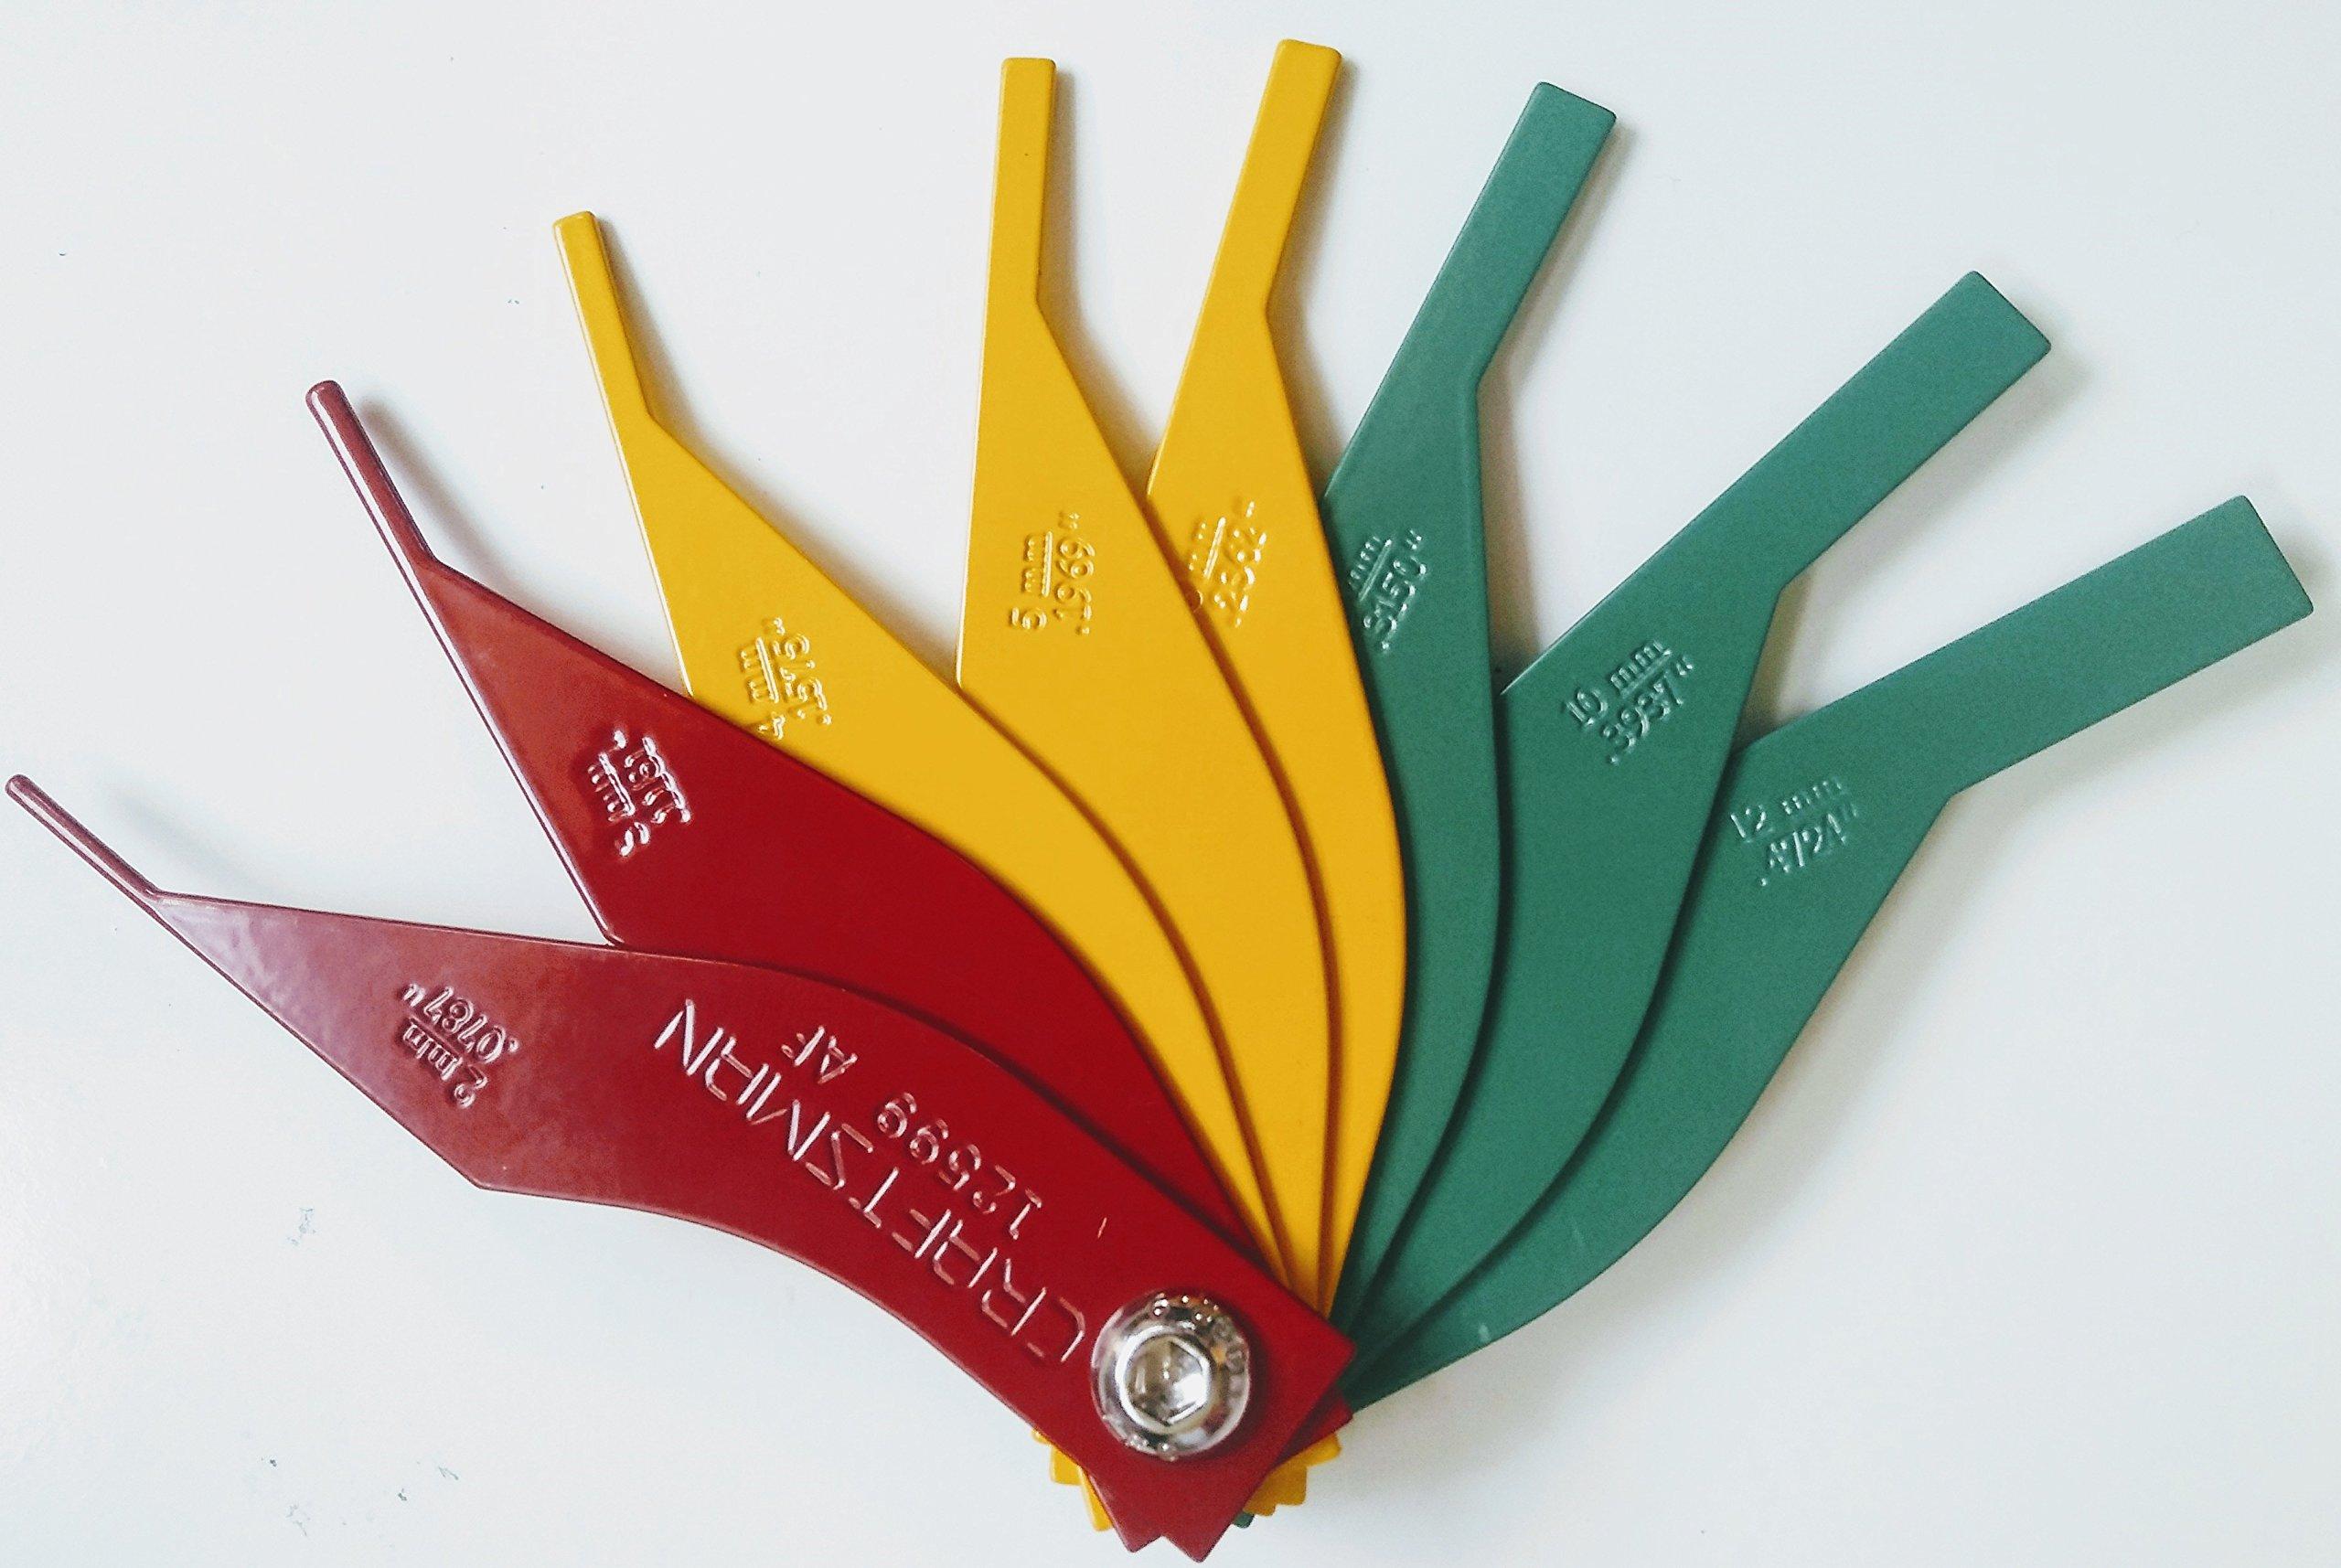 Craftsman Brake Lining Thickness Gauge 12599, Bulk Packed